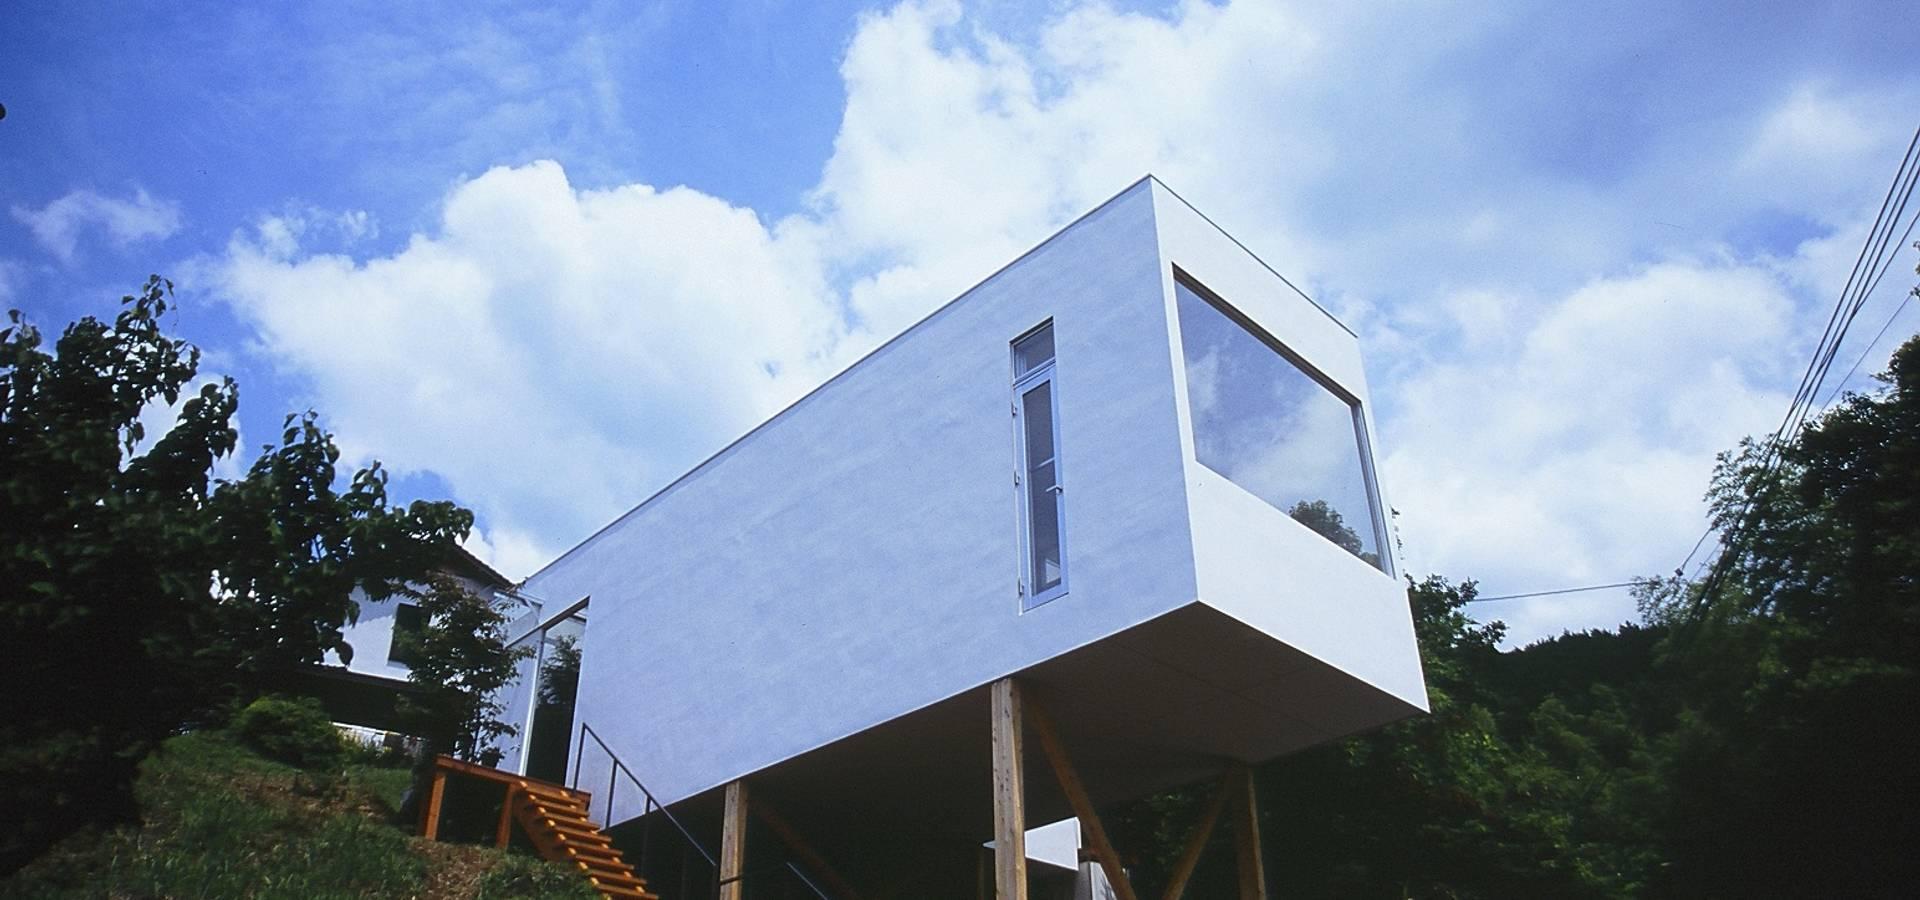 宮城雅子建築設計事務所 miyagi masako architect design office , kodomocafe